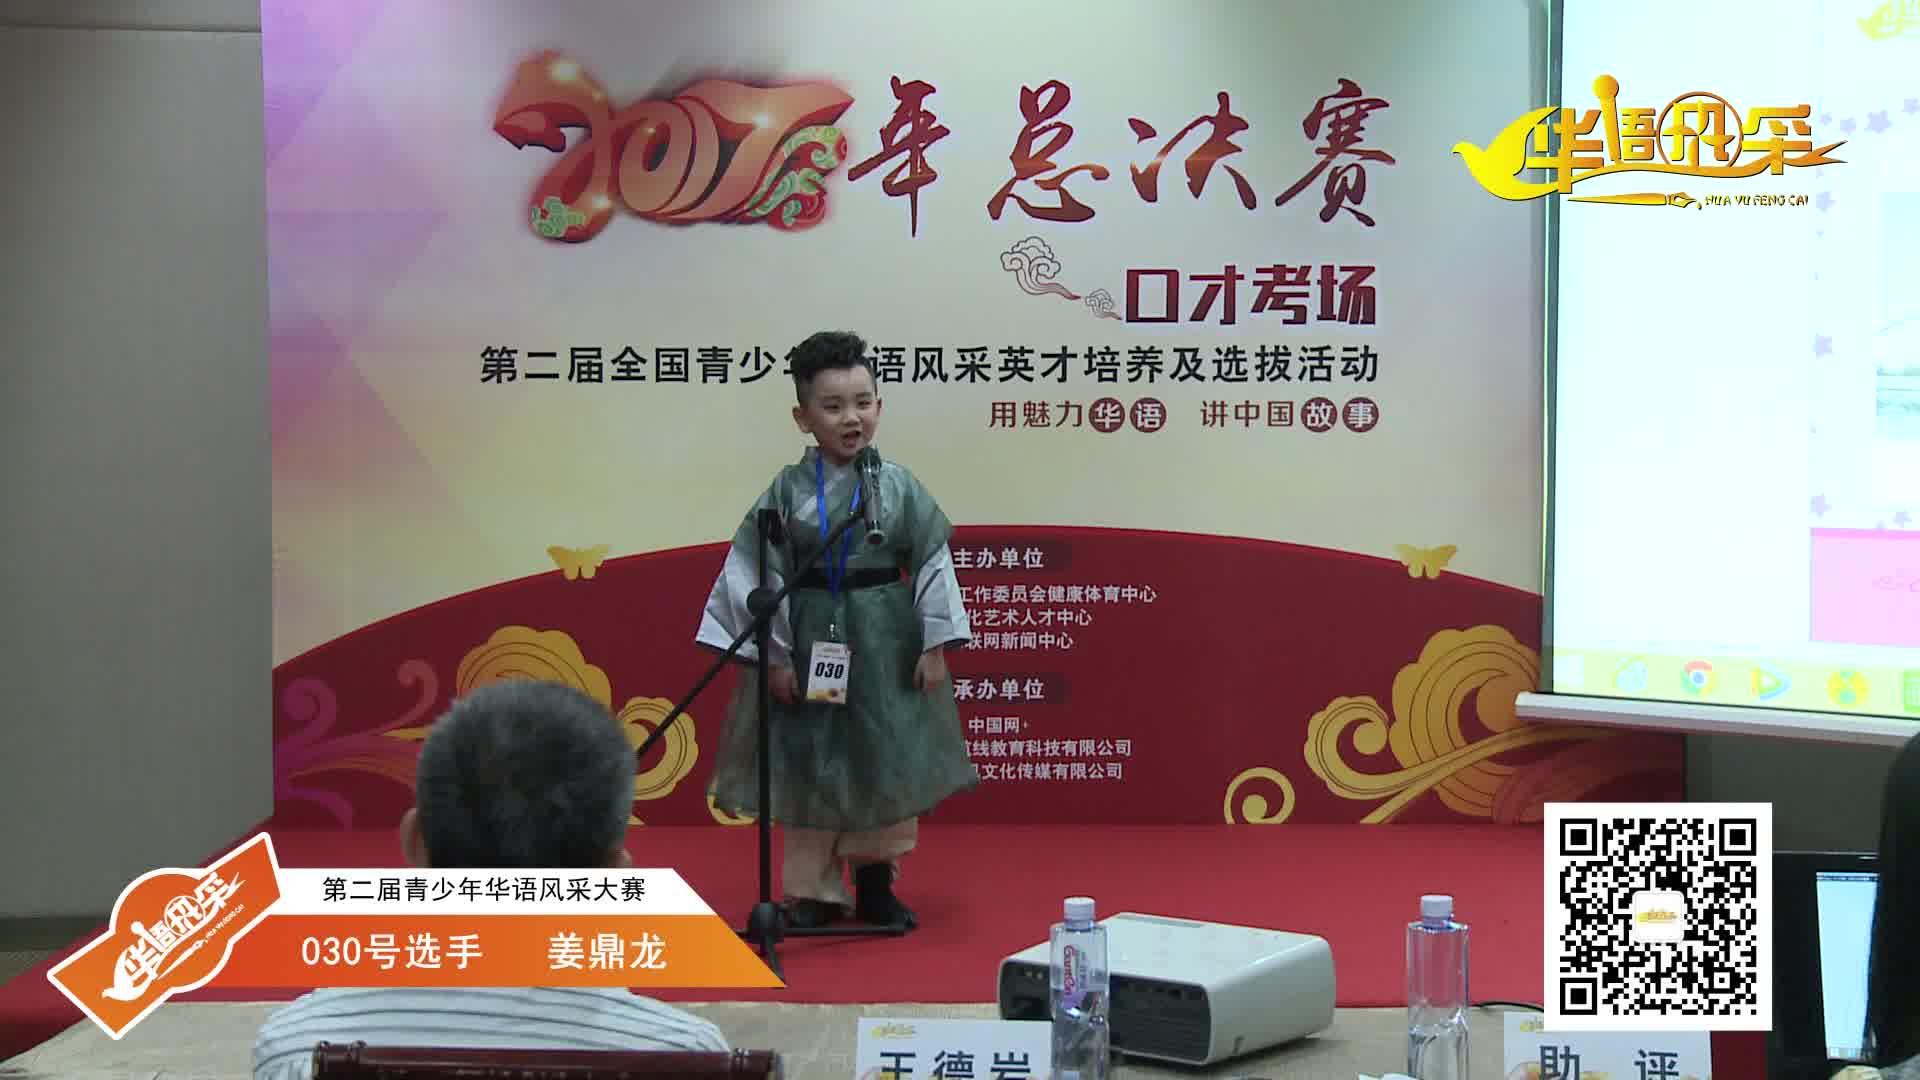 030号选手:姜鼎龙